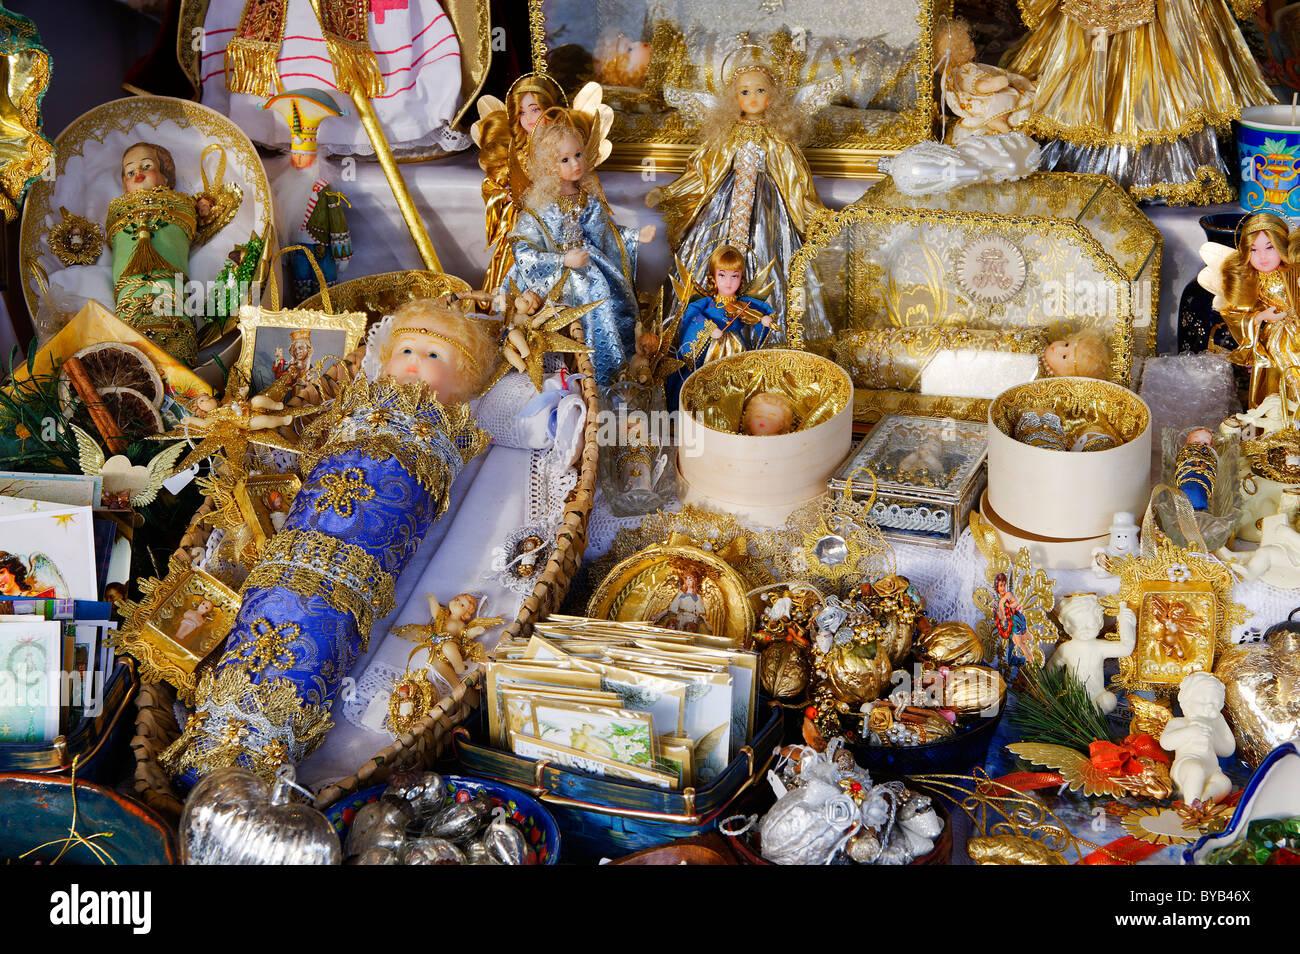 Artesanía religiosa U Muster, Garching, mercado de navidad, Kapellplatz, Altoetting, Alta Baviera, Alemania, Imagen De Stock